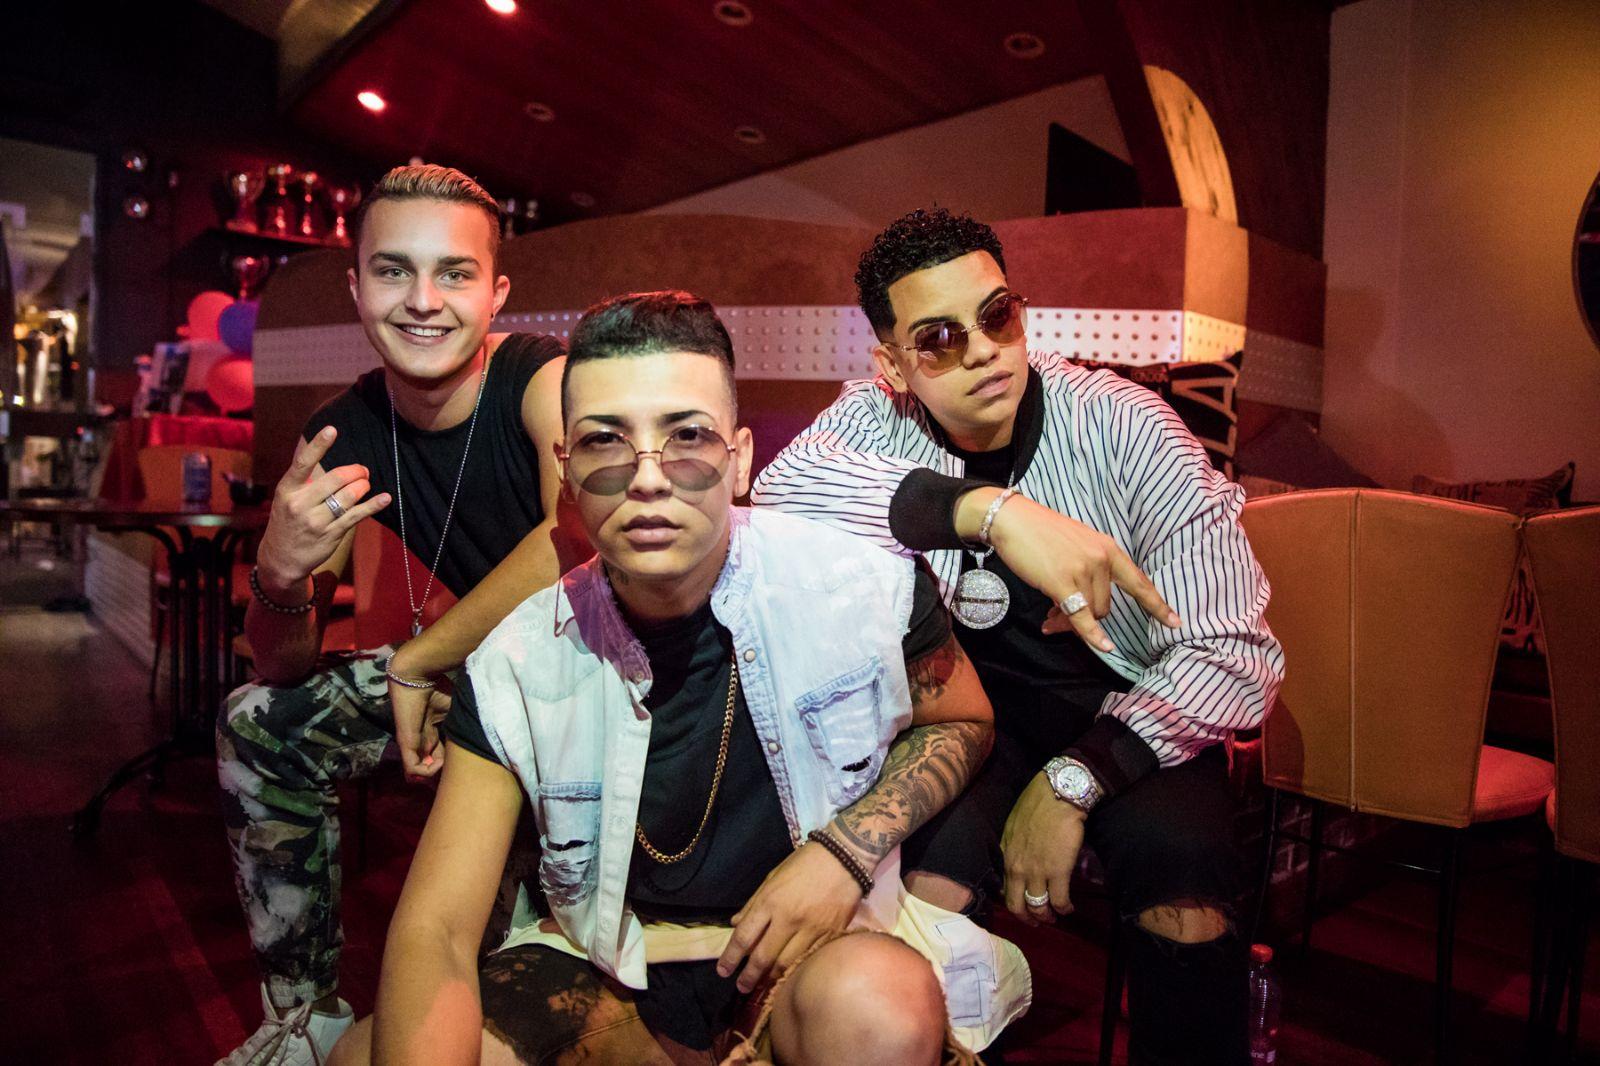 """J Álavarez se une a Álex Roy y Wirlow en """"Toda la noche"""" gracias a Reggaeton EU"""